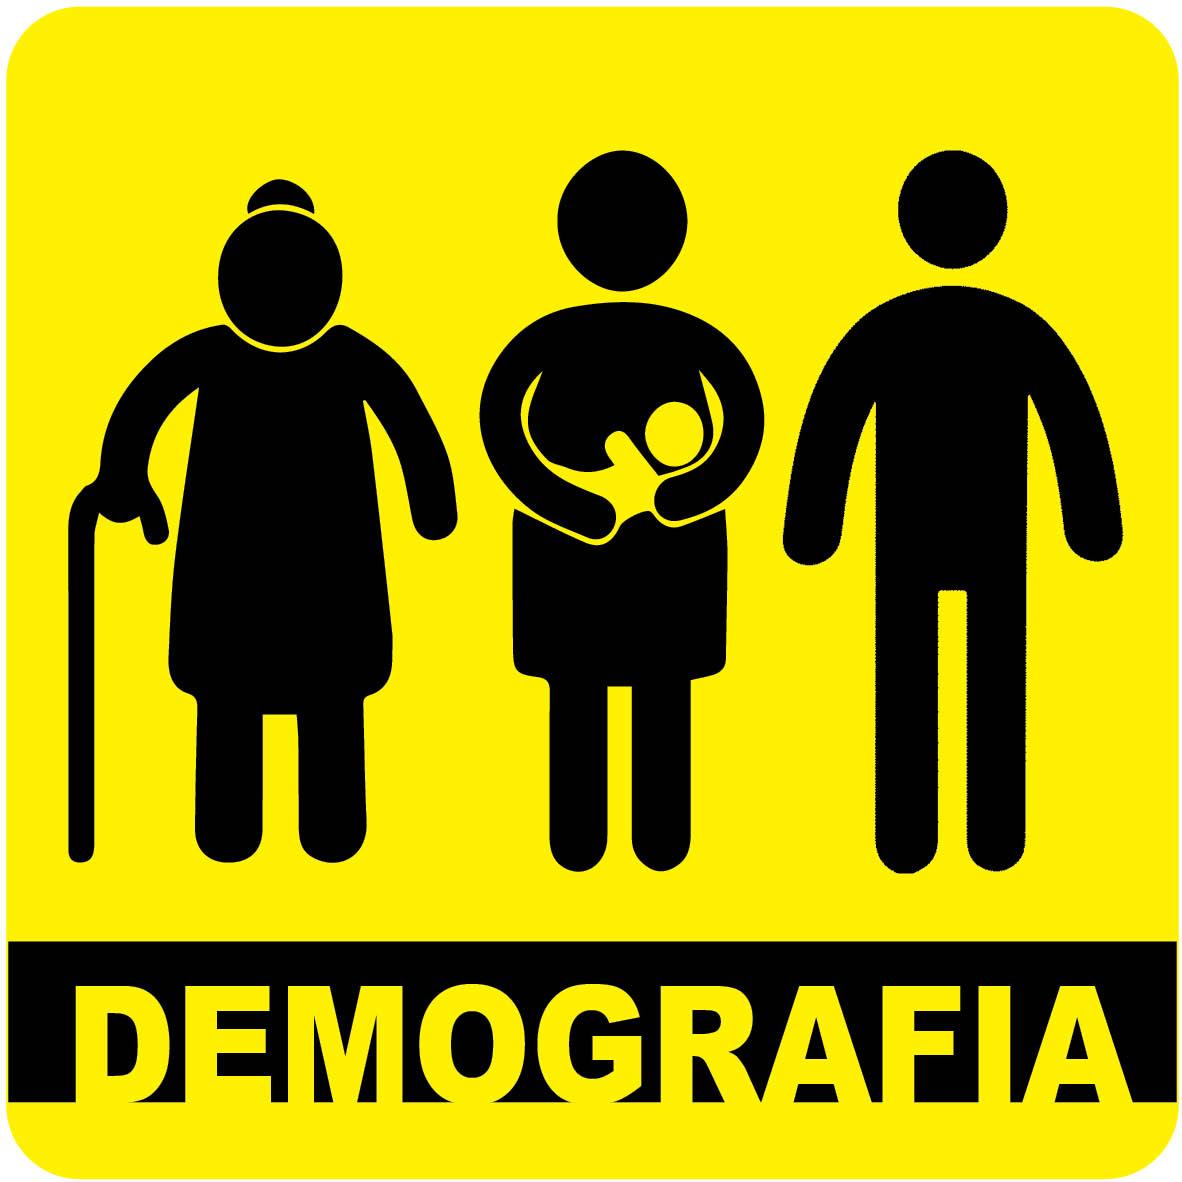 Risultati immagini per demografia immagini